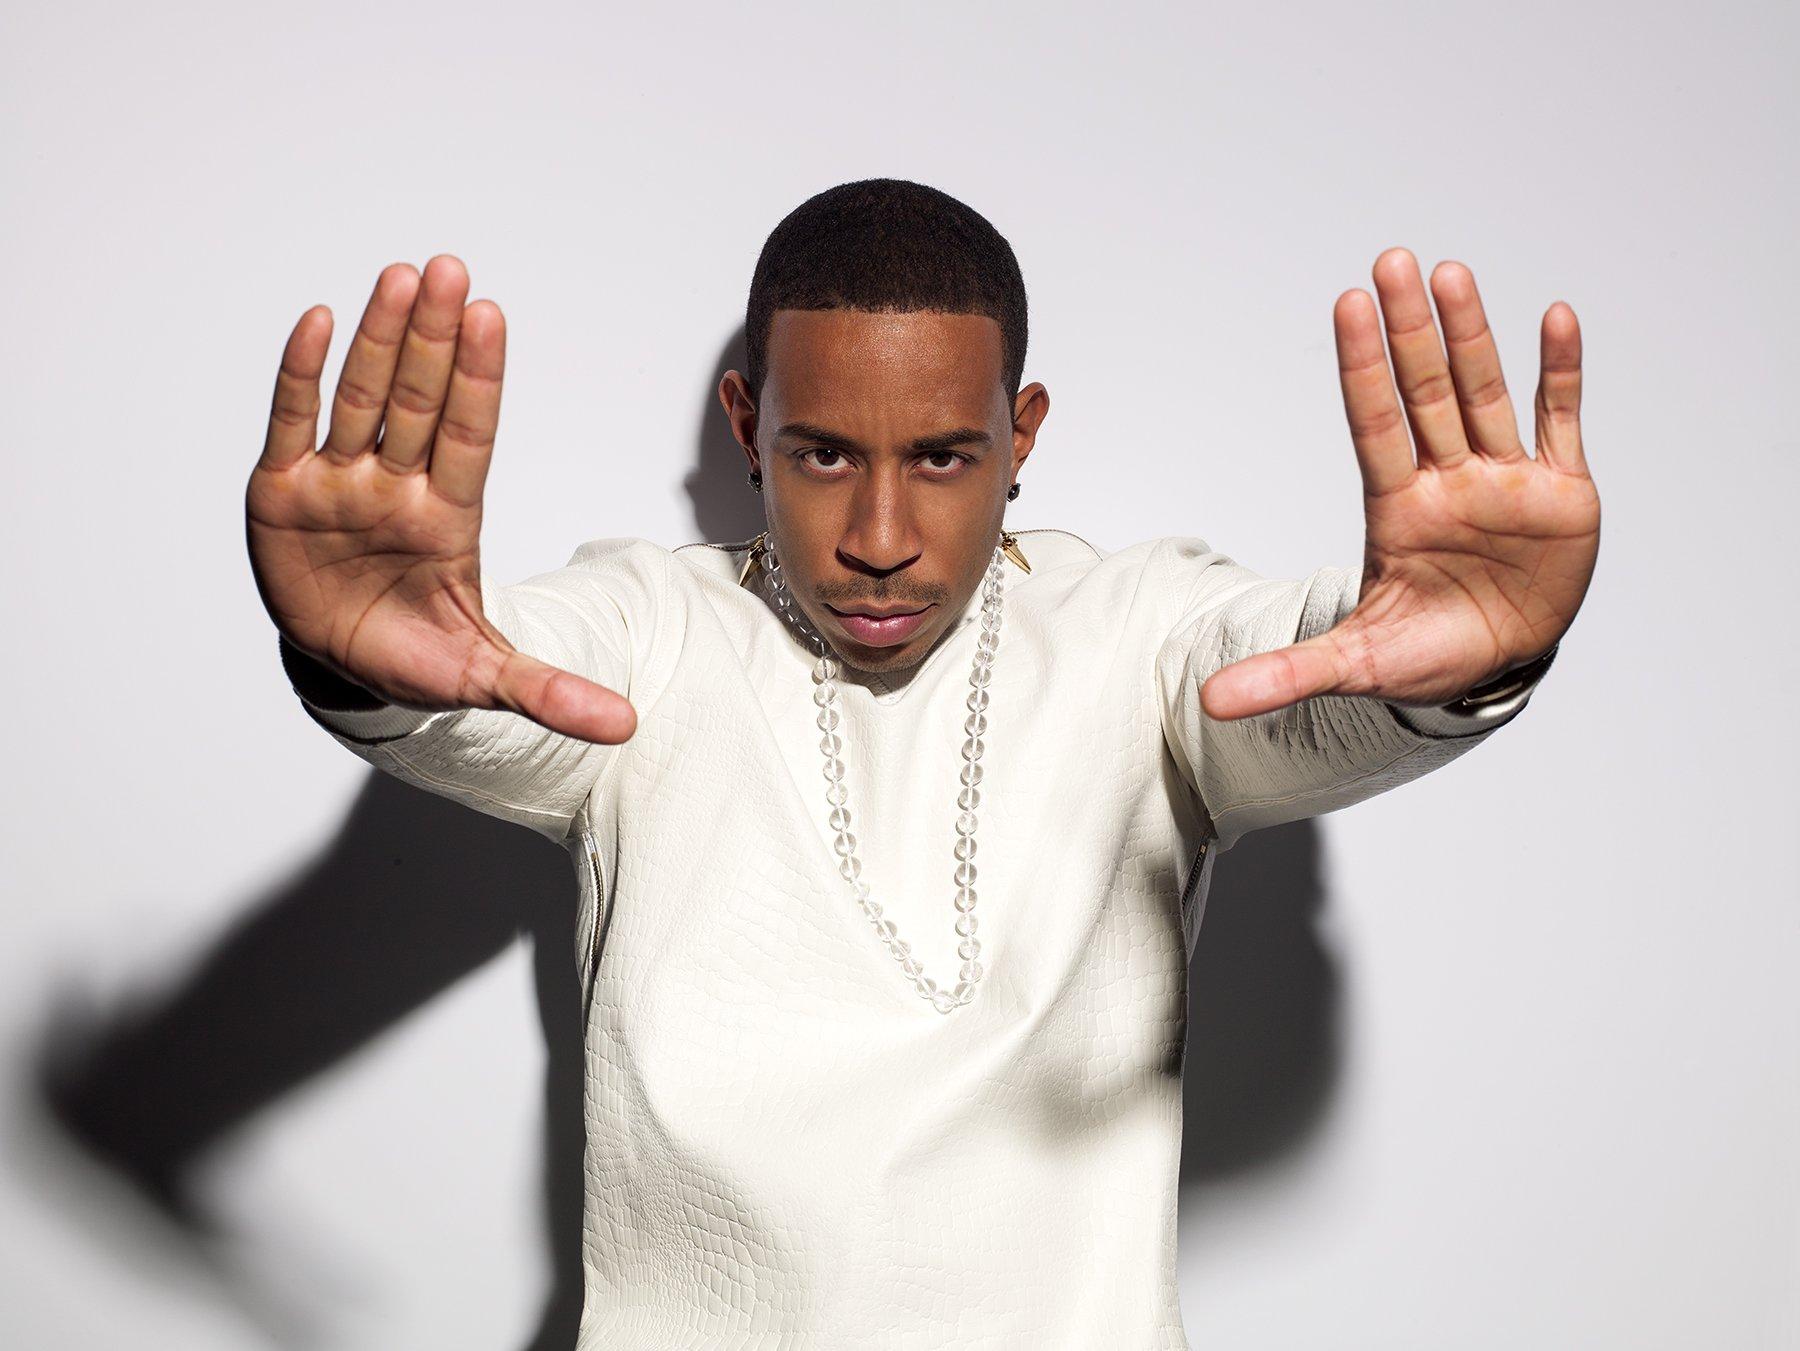 Happy Birthday to Ludacris!